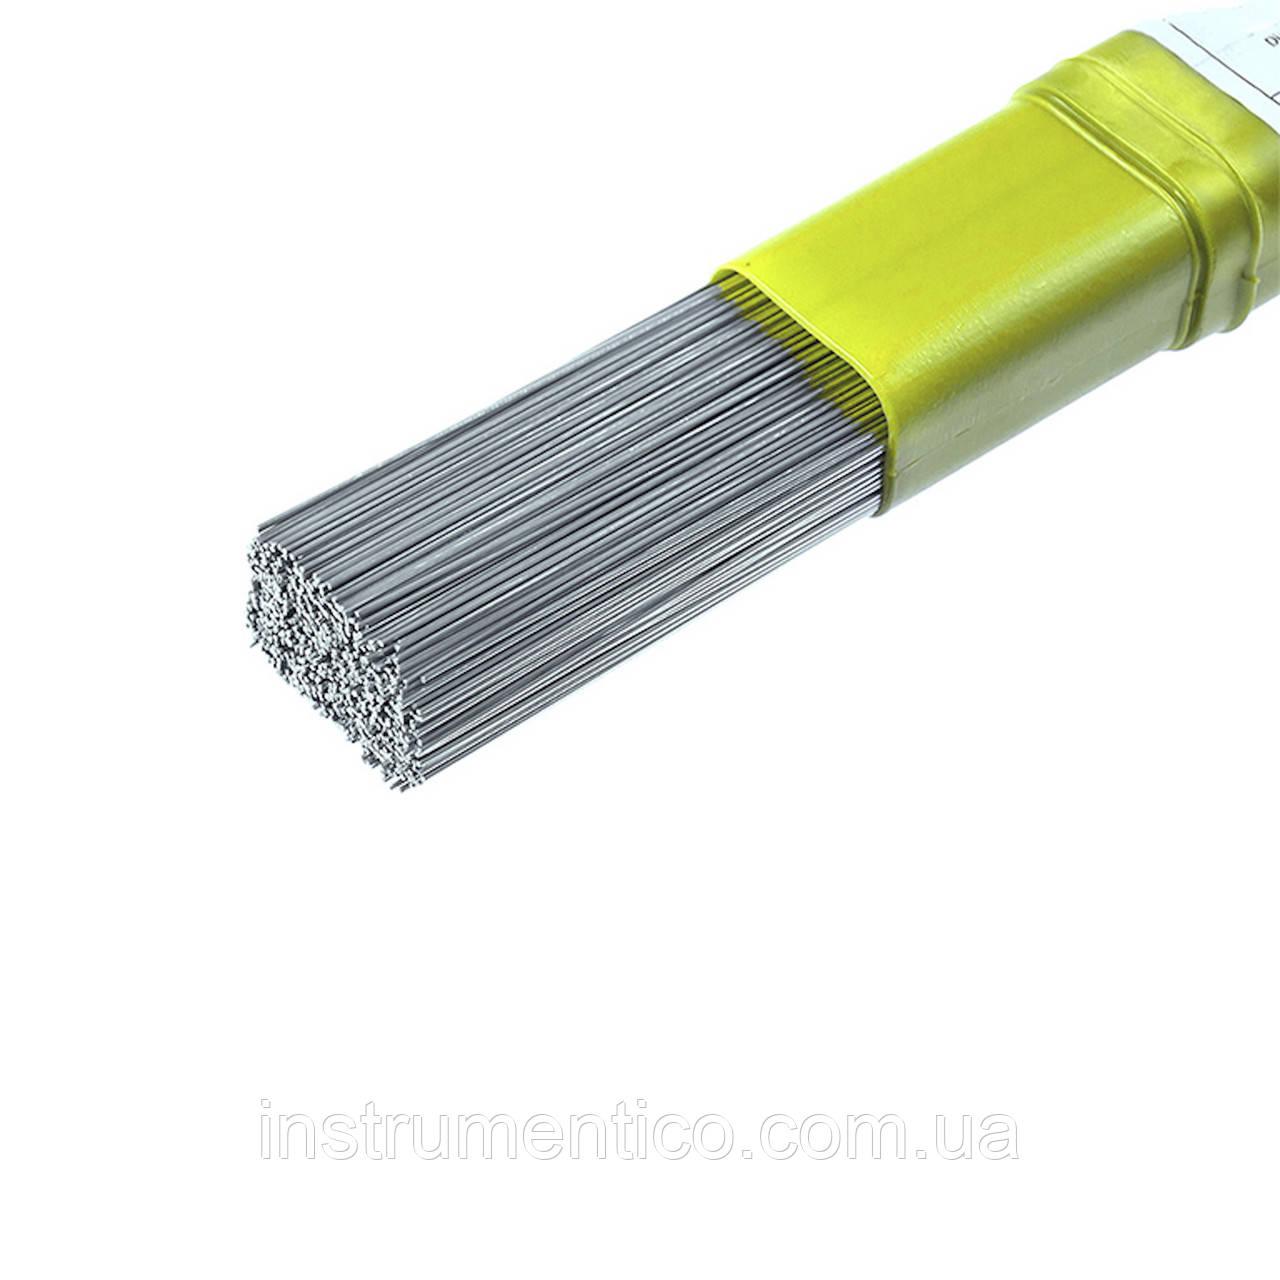 Пруток алюминиевый ER5356 Ø1,6 мм